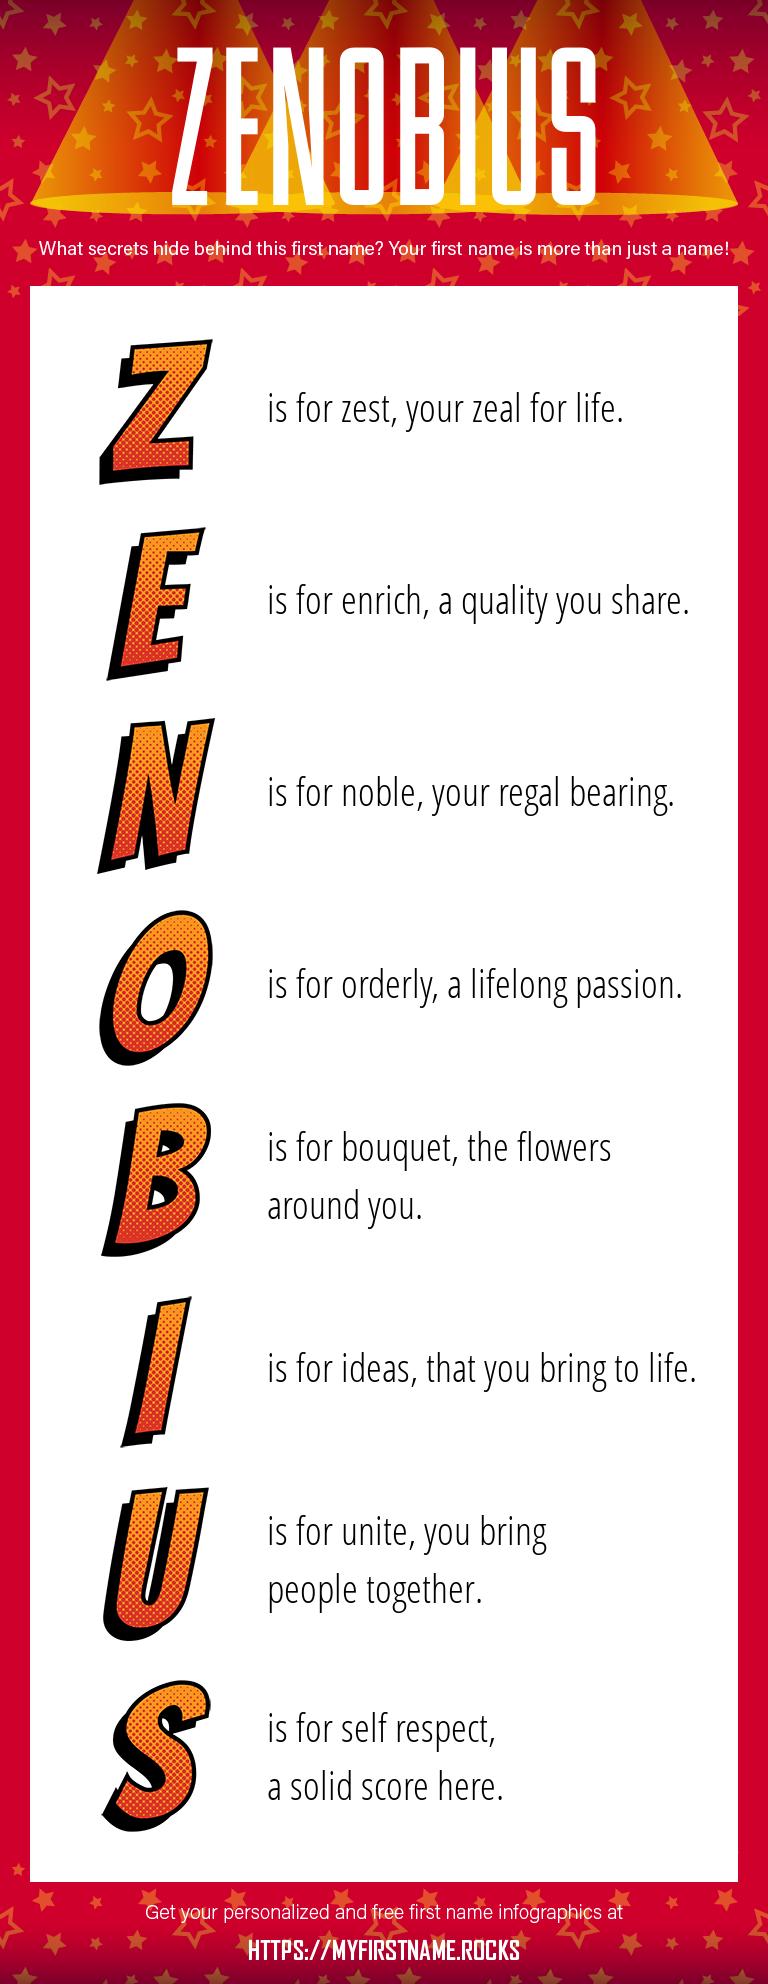 Zenobius Infographics